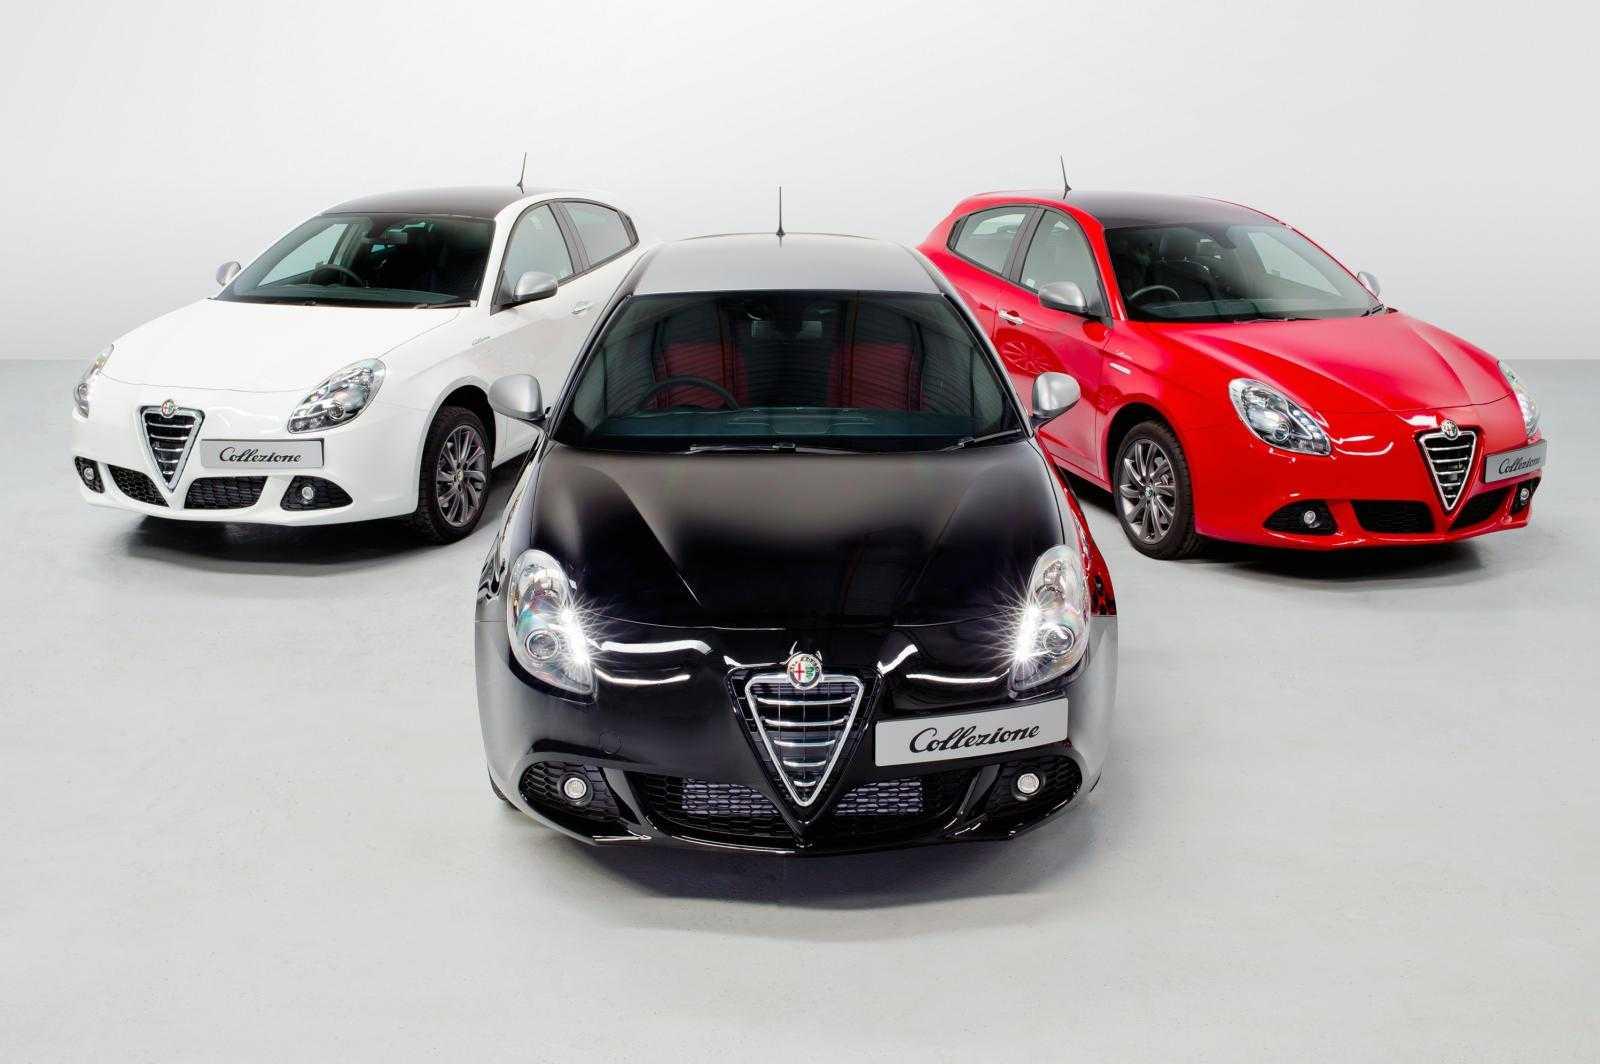 2014-Alfa-Romeo-Giulietta-facelift